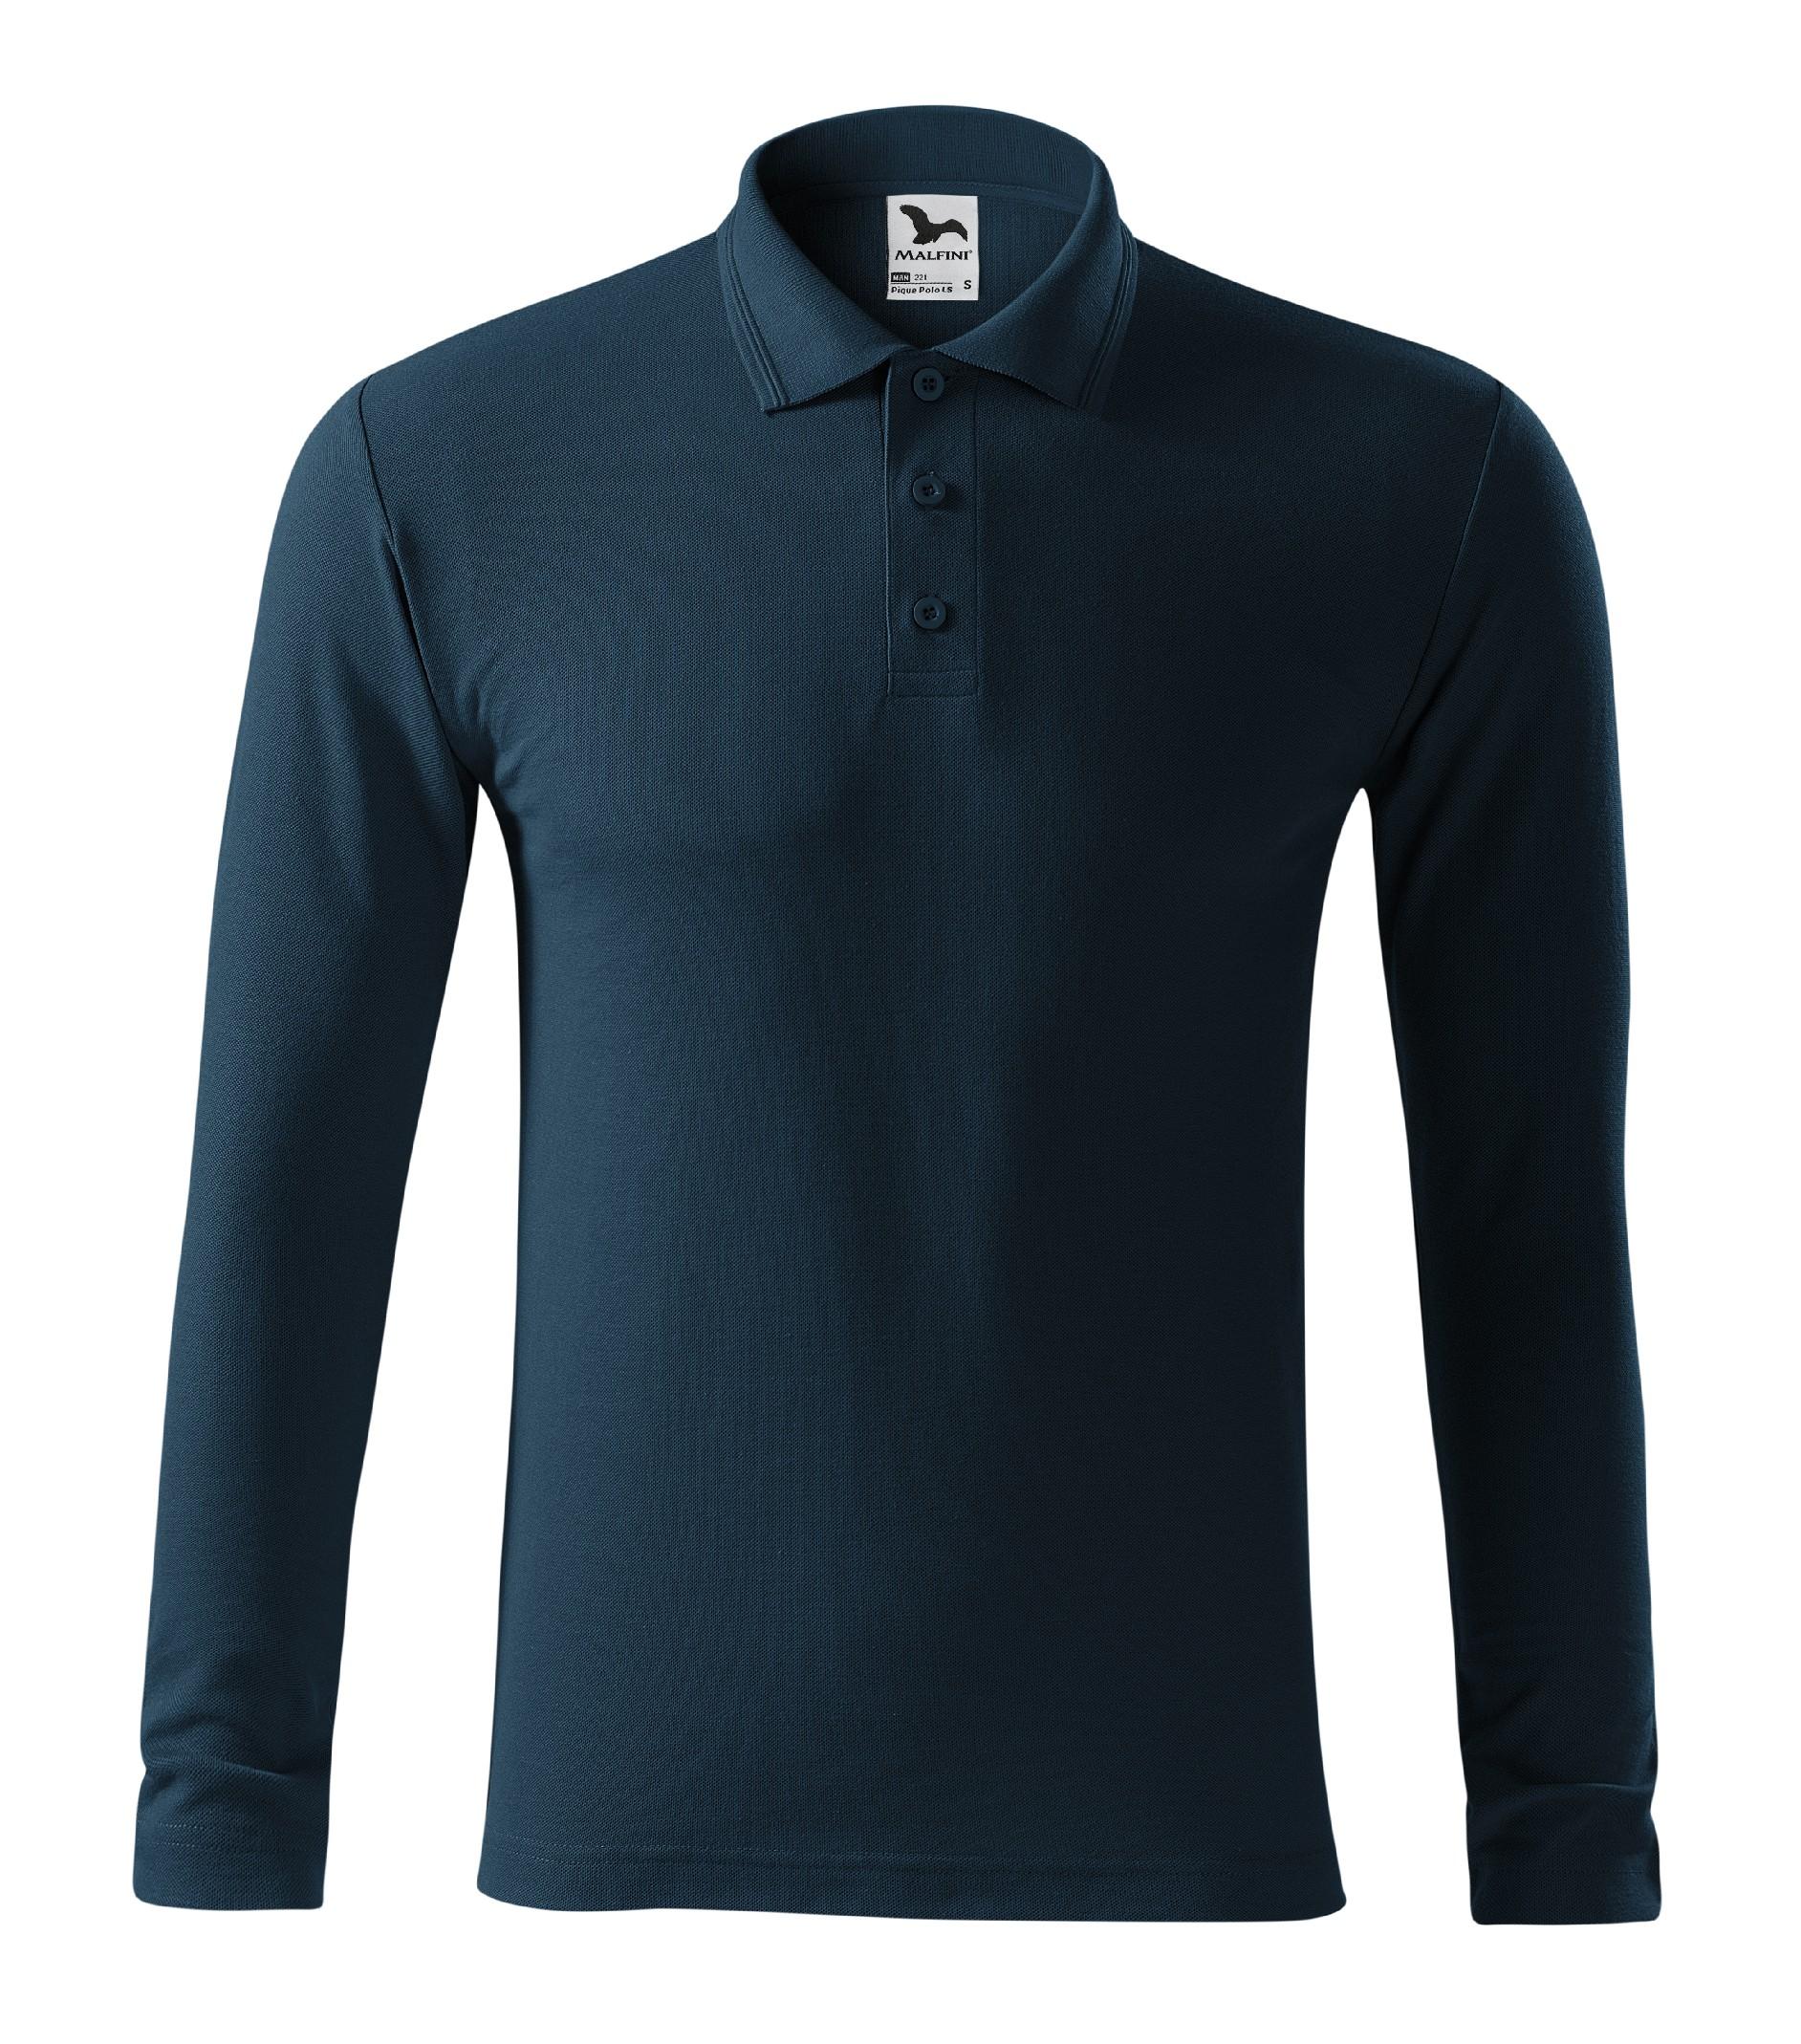 Polokošile pánská Pique Polo LS Barva: námořní modrá, Velikost: L